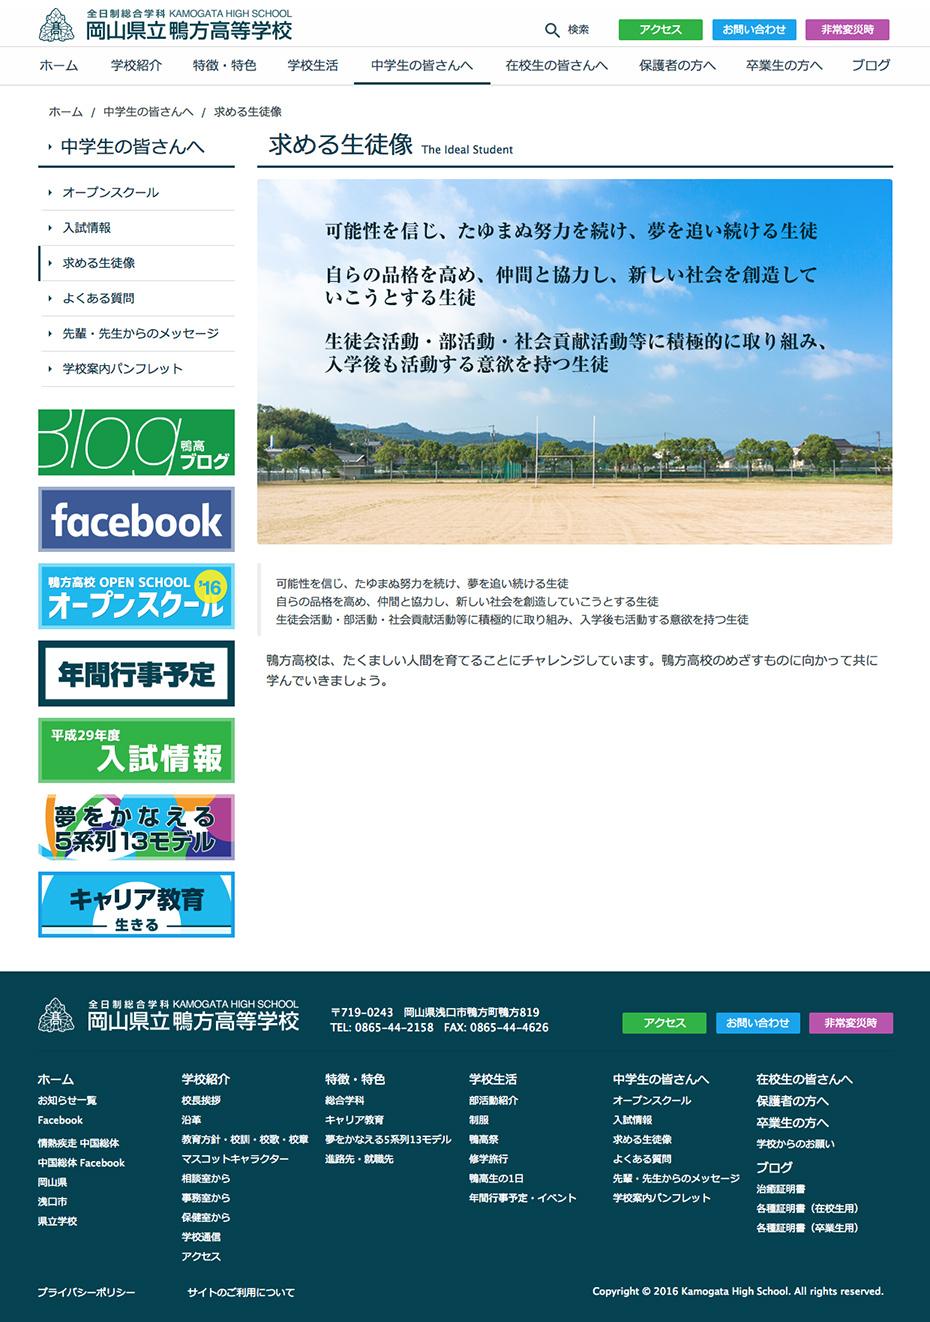 岡山県立鴨方高等学校様 ホームページ 求める生徒像